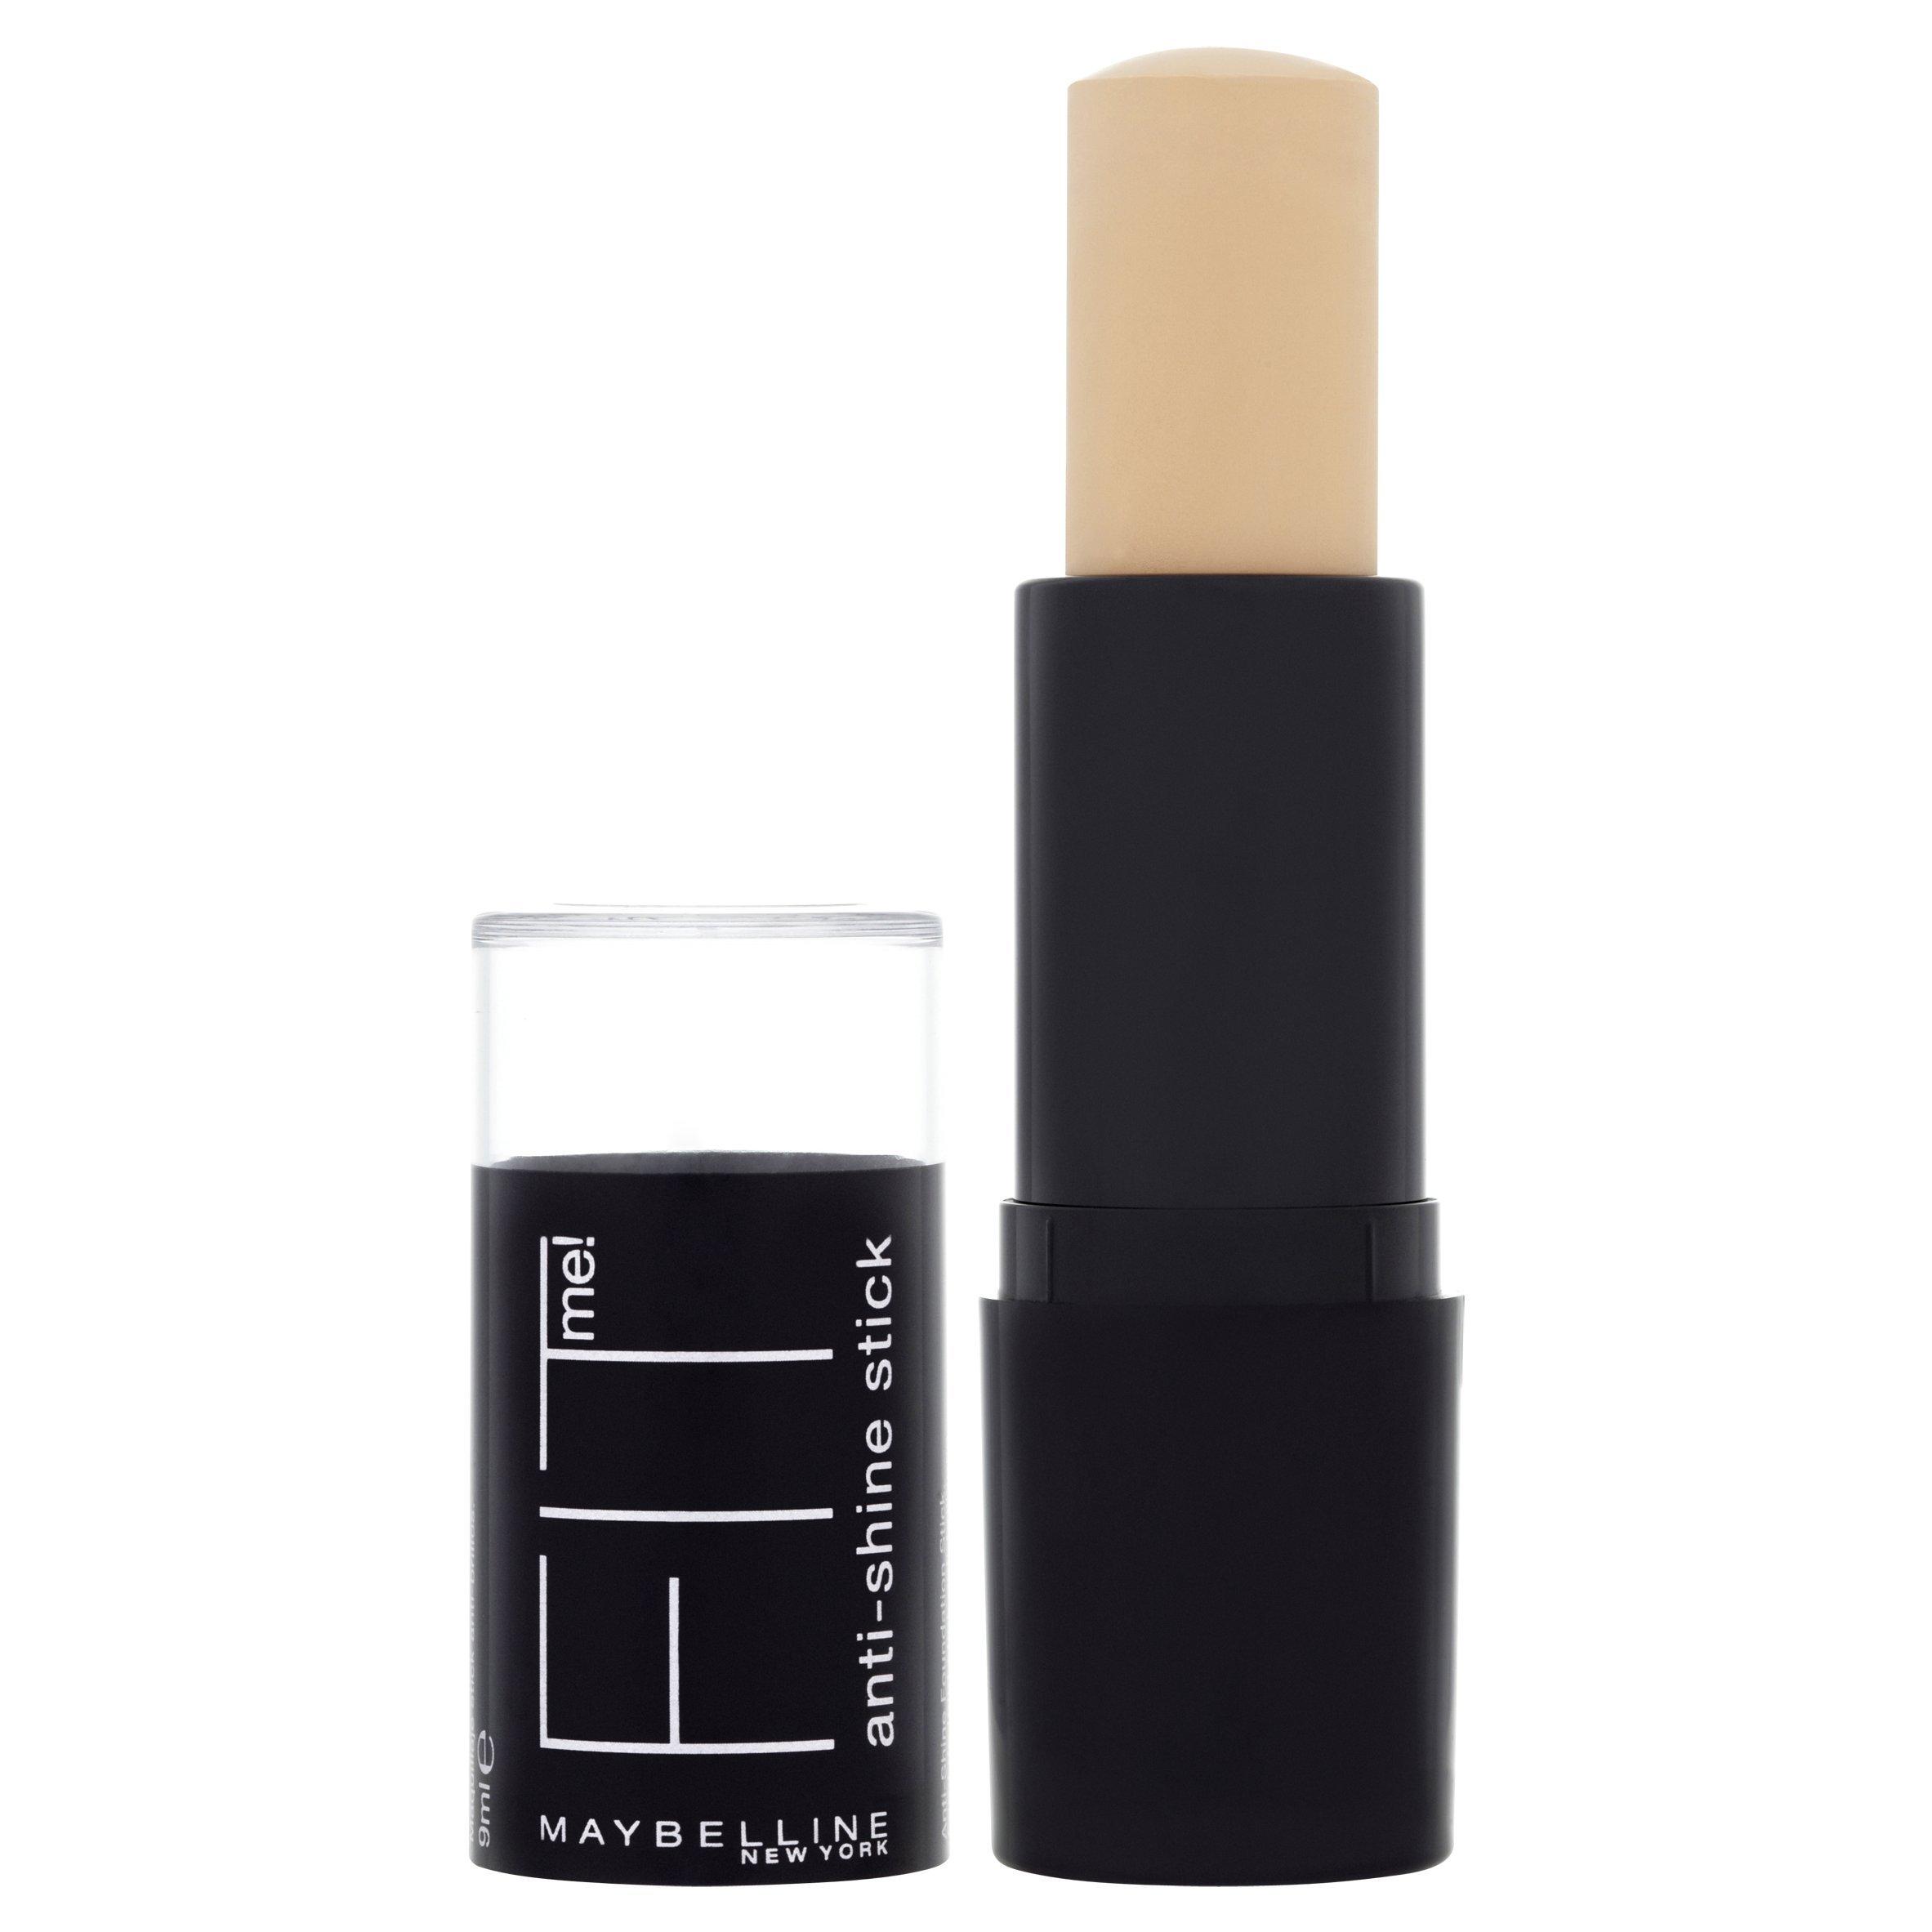 Maybelline New York Fit Me! 2-in-1 Anti Glanz Make-Up Stick Natural Beige 220 / Schminke in einem Hautfarben-Ton, für eine langanhaltende Abdeckung und einen makellosen Look, 1 x 9 g product image